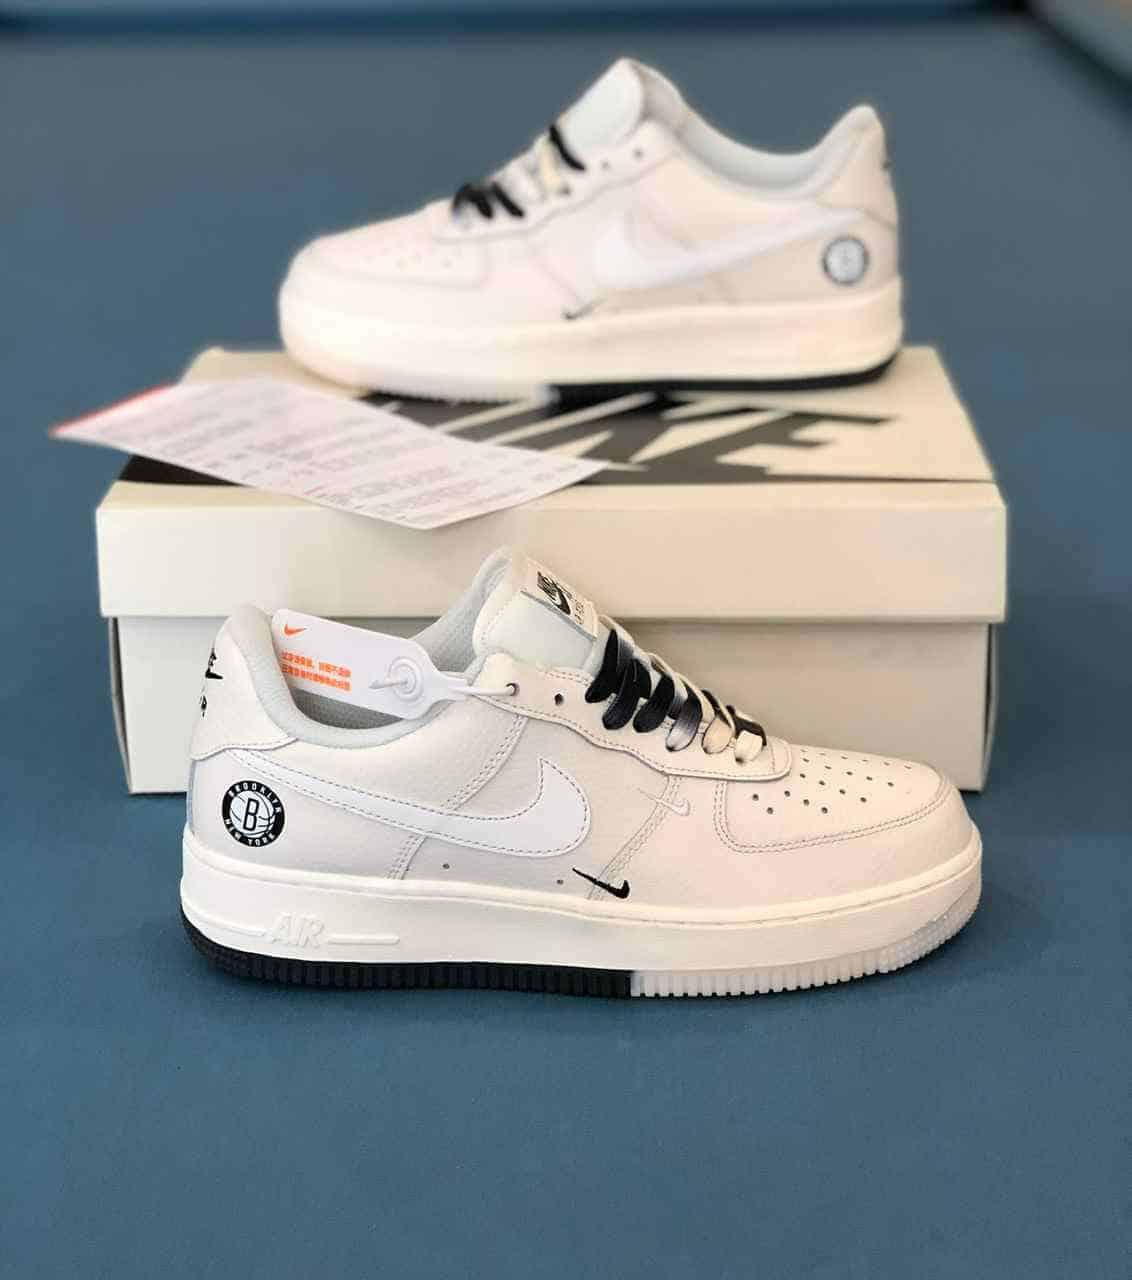 Air Force 1 Be Sữa rep 1:1 là siêu phẩm đến từ thương hiệu nổi tiếng Nike